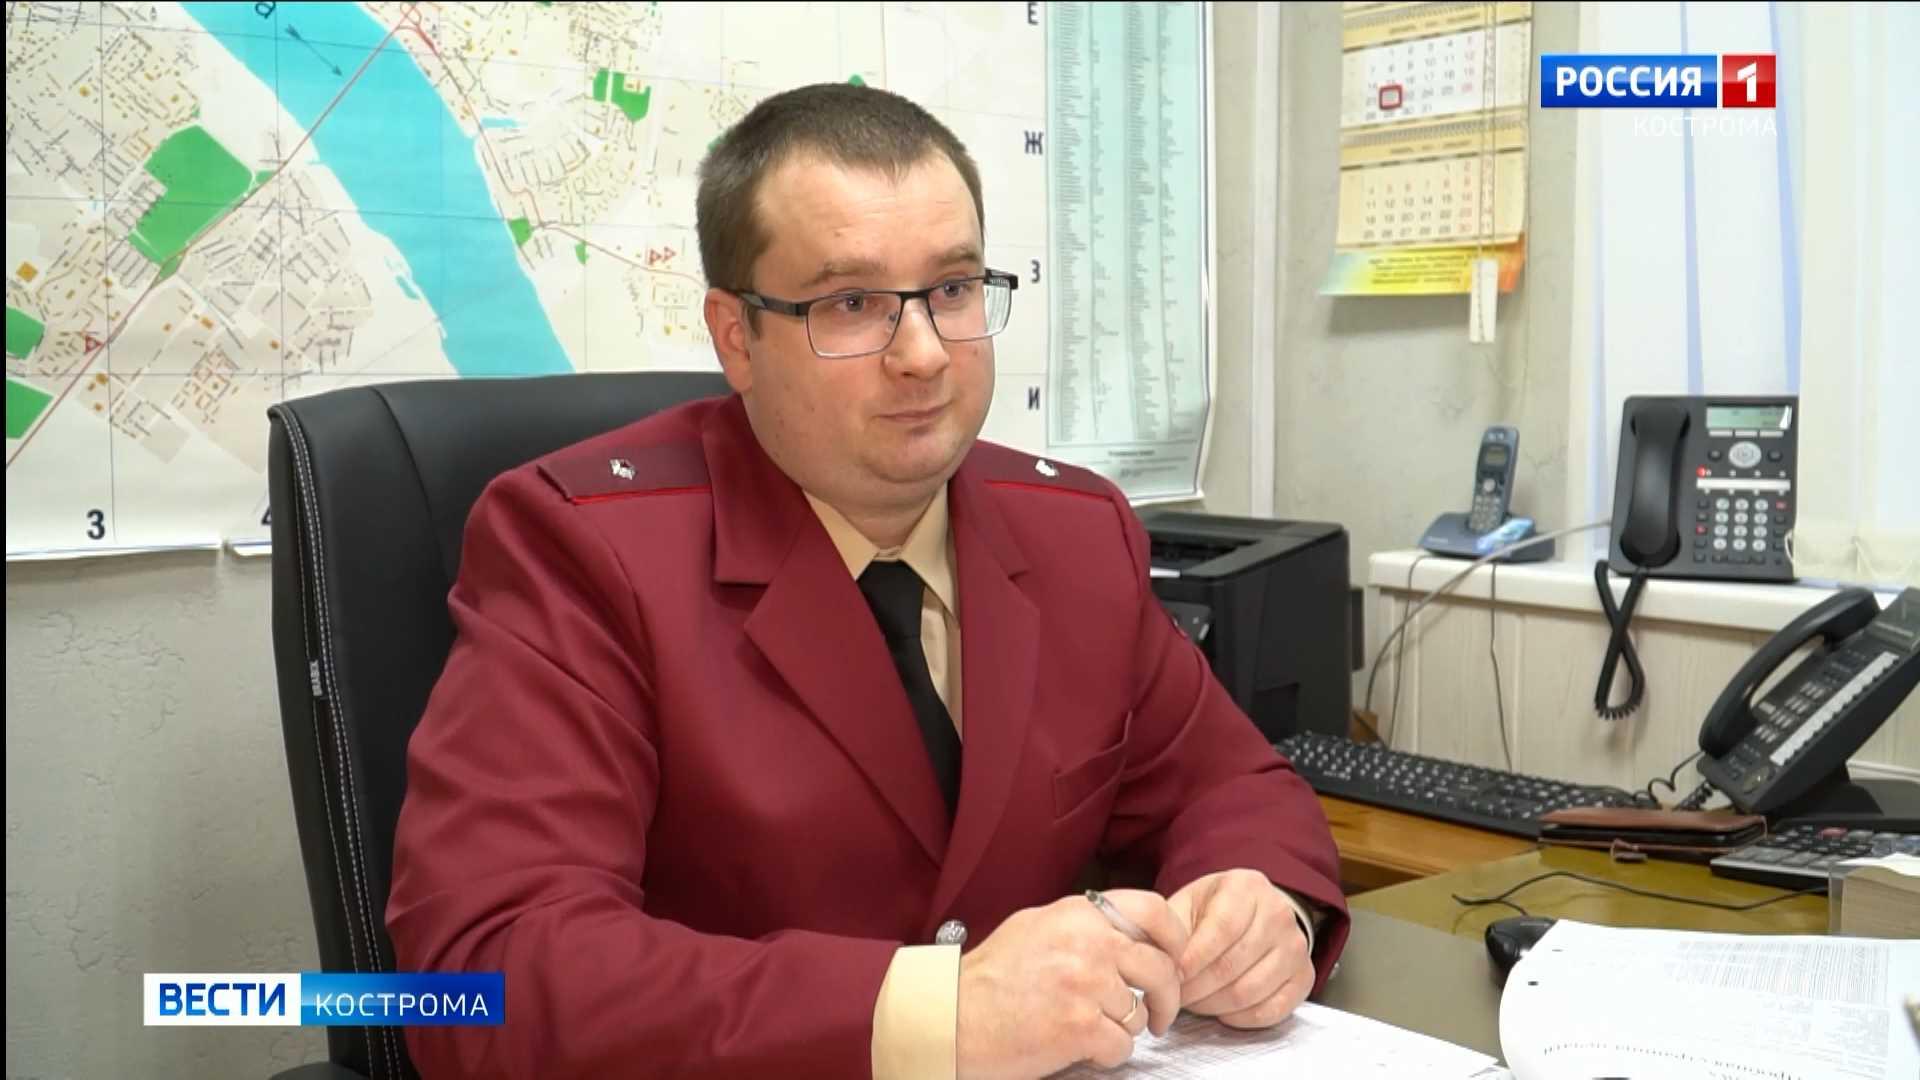 Роспотребнадзор: коронавирусные последствия праздников Кострома увидит к концу января